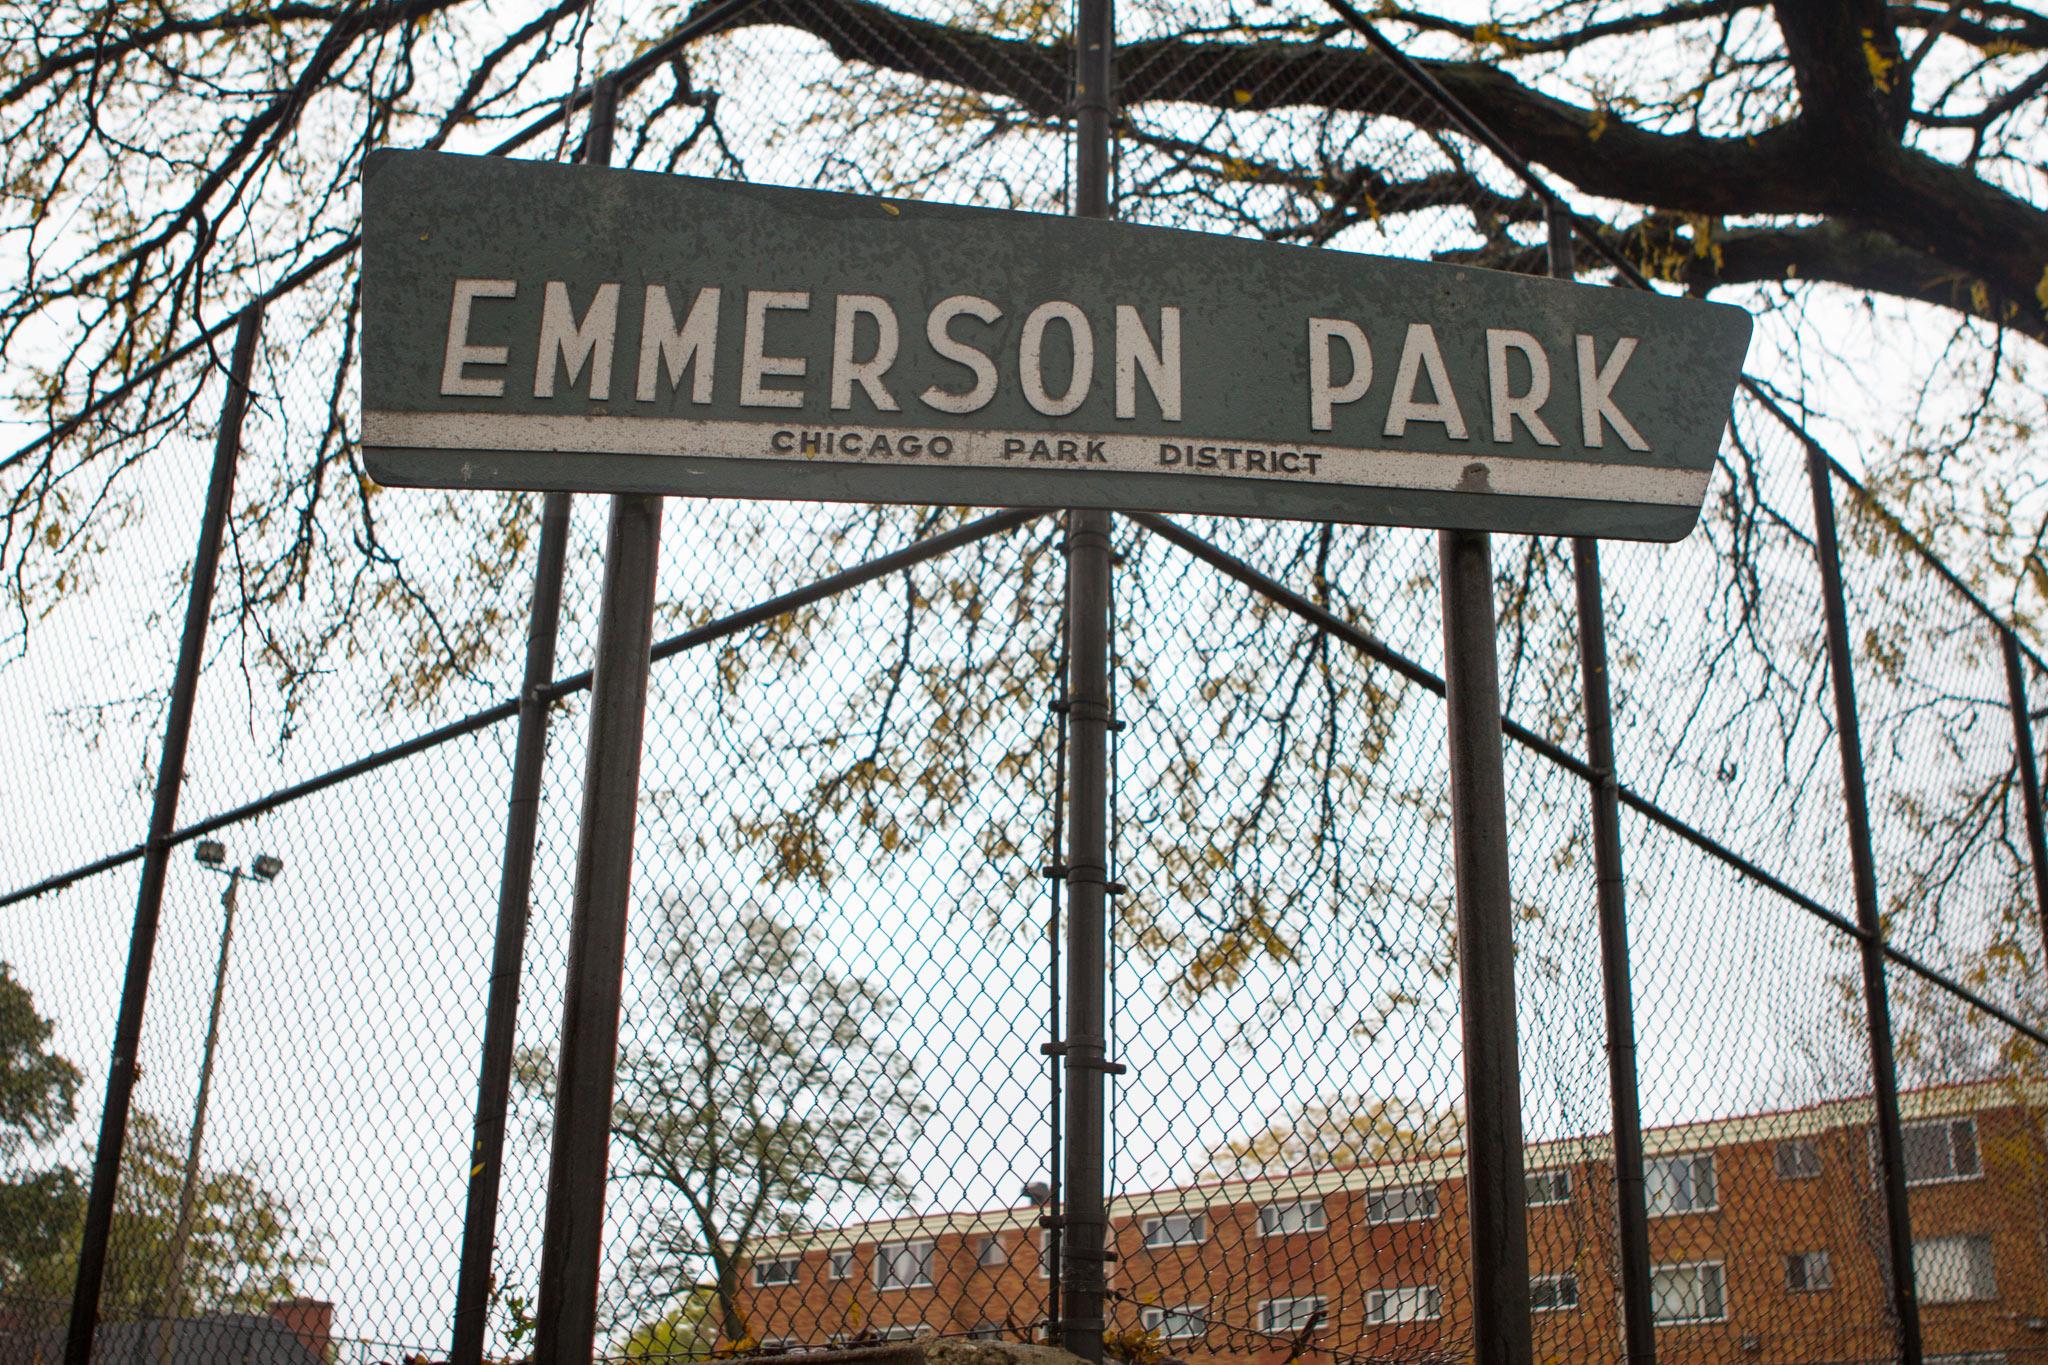 Emmerson Park